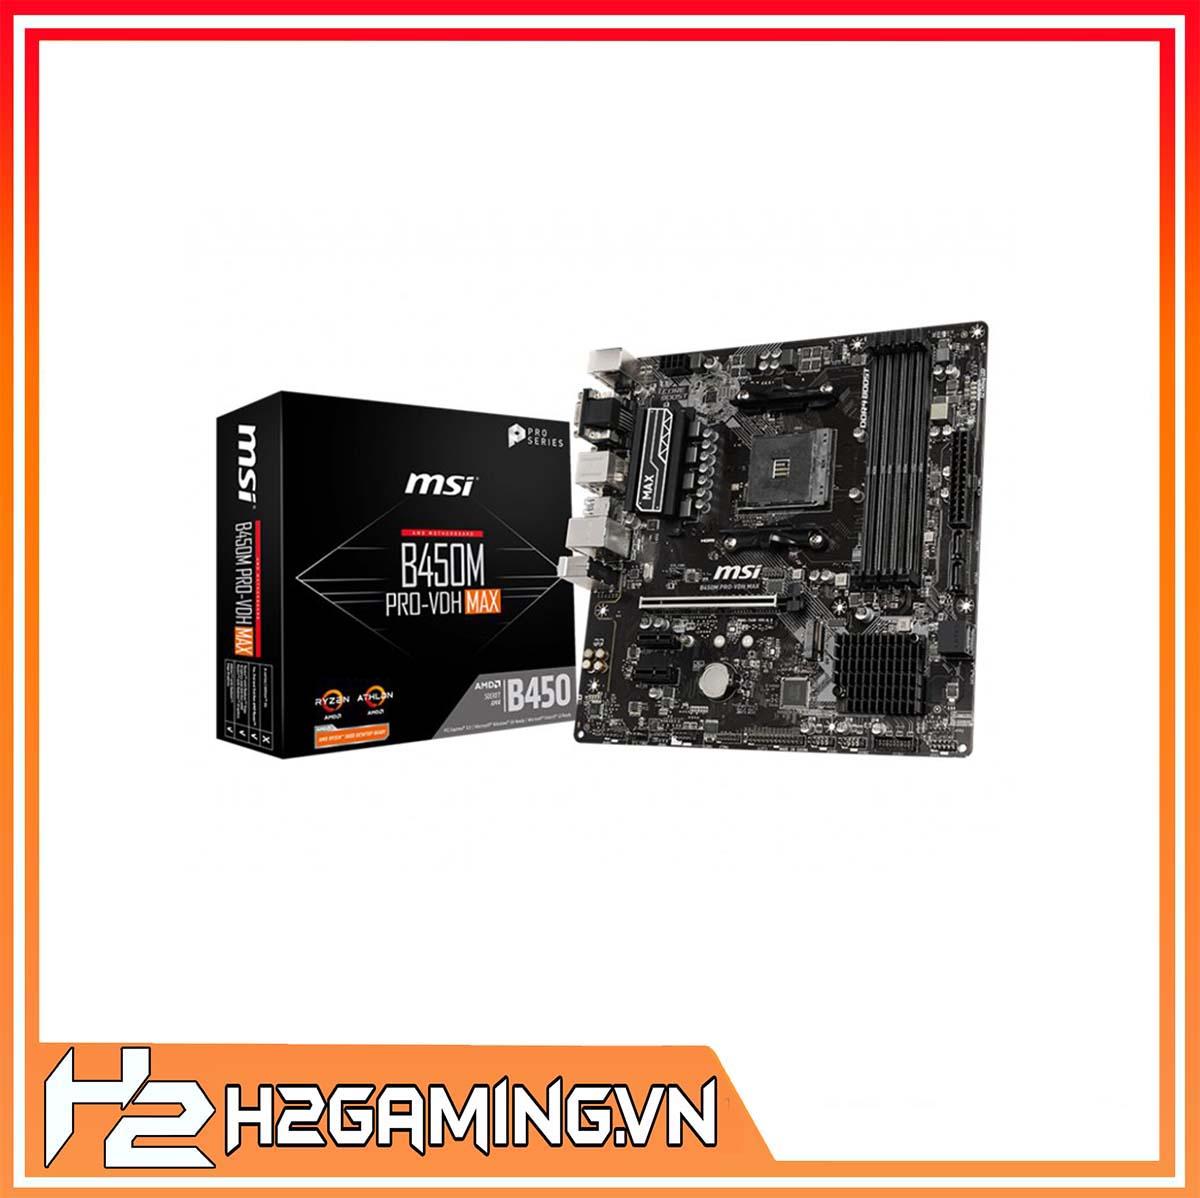 Mainboard_MSI_B450M_PRO_VDH_MAX_(AMD_B450,_Socket_AM4,_m-ATX,_4_khe_RAM_DDR4)